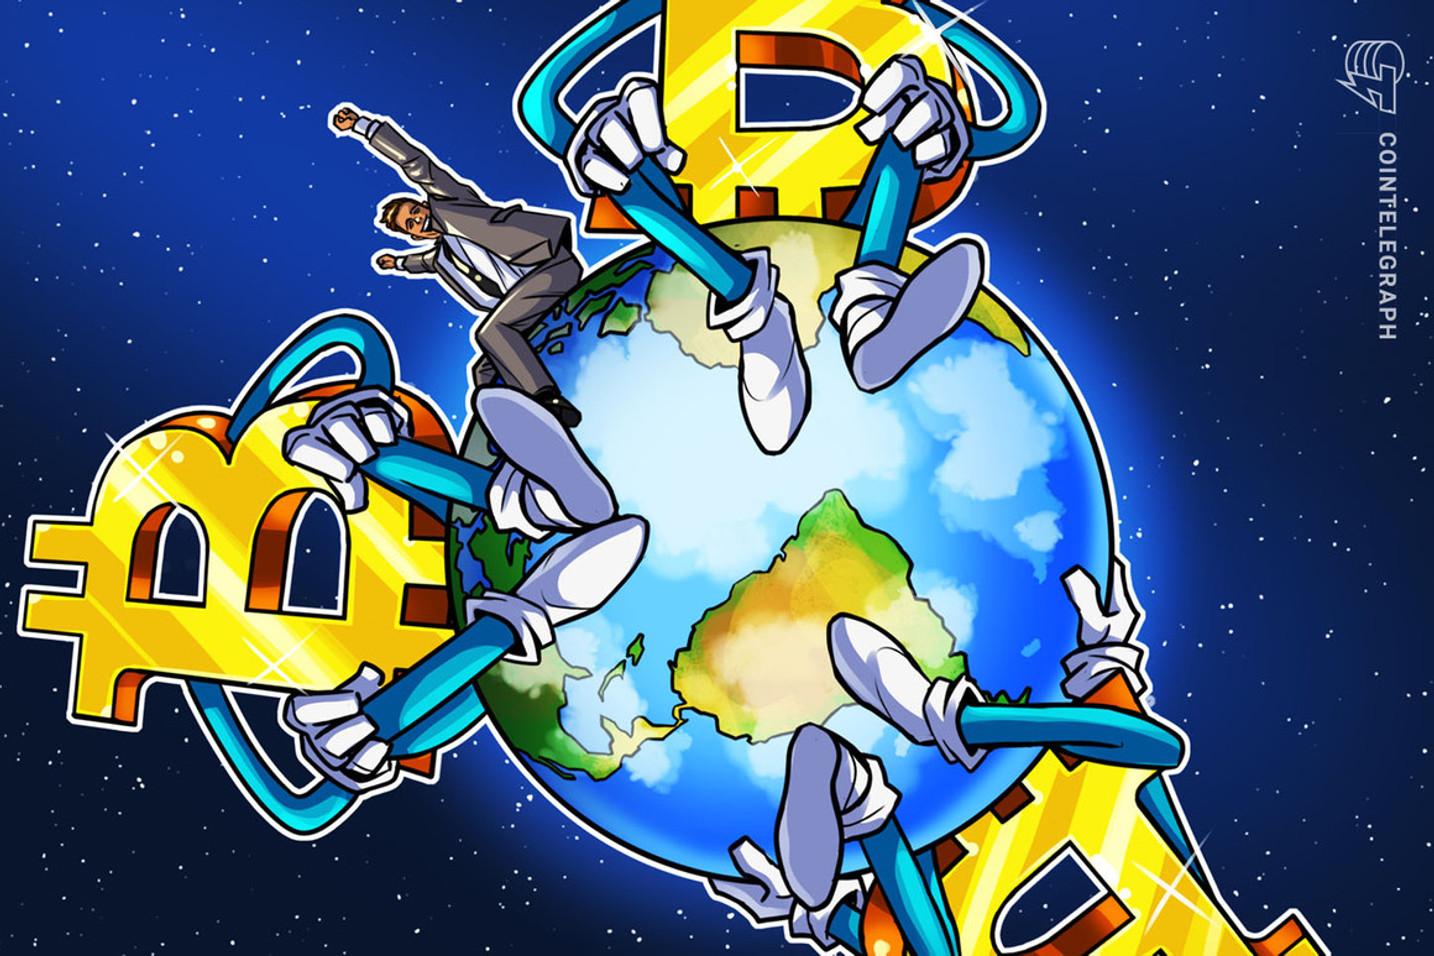 Nasıl Bitcoin kazanılır? BTC kazanmak için 3 yöntem